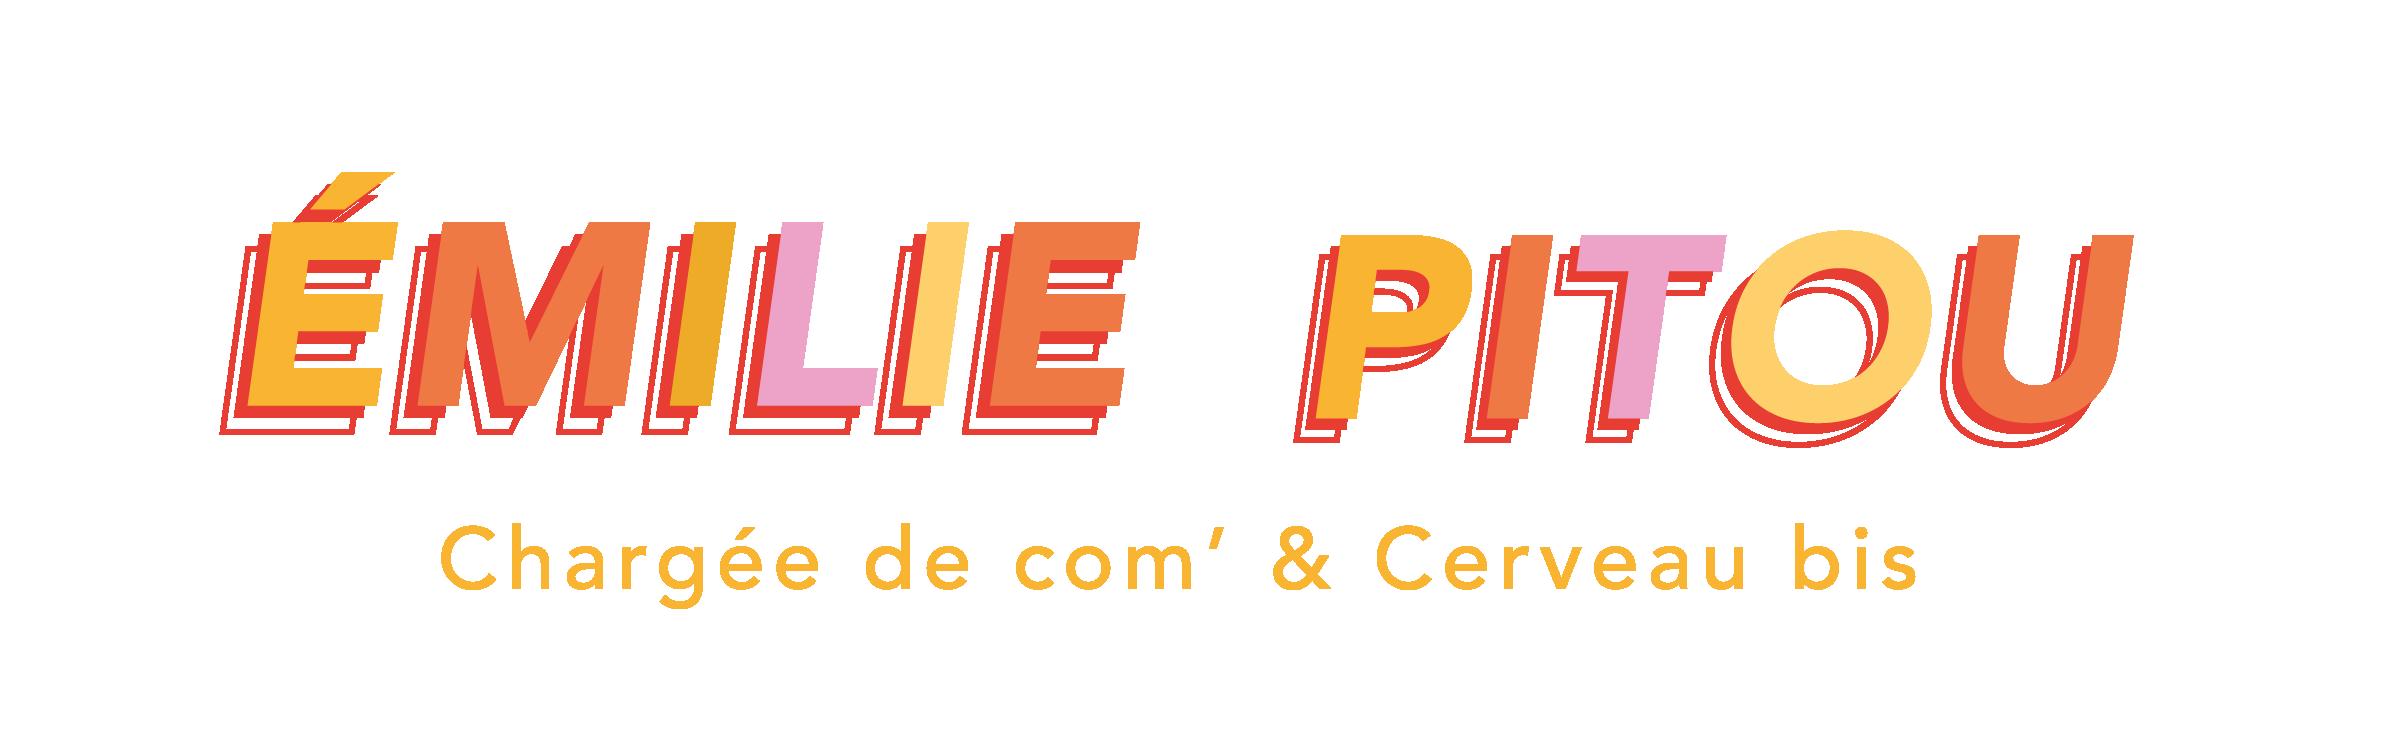 Emilie Pitou - Com'Manager Créative